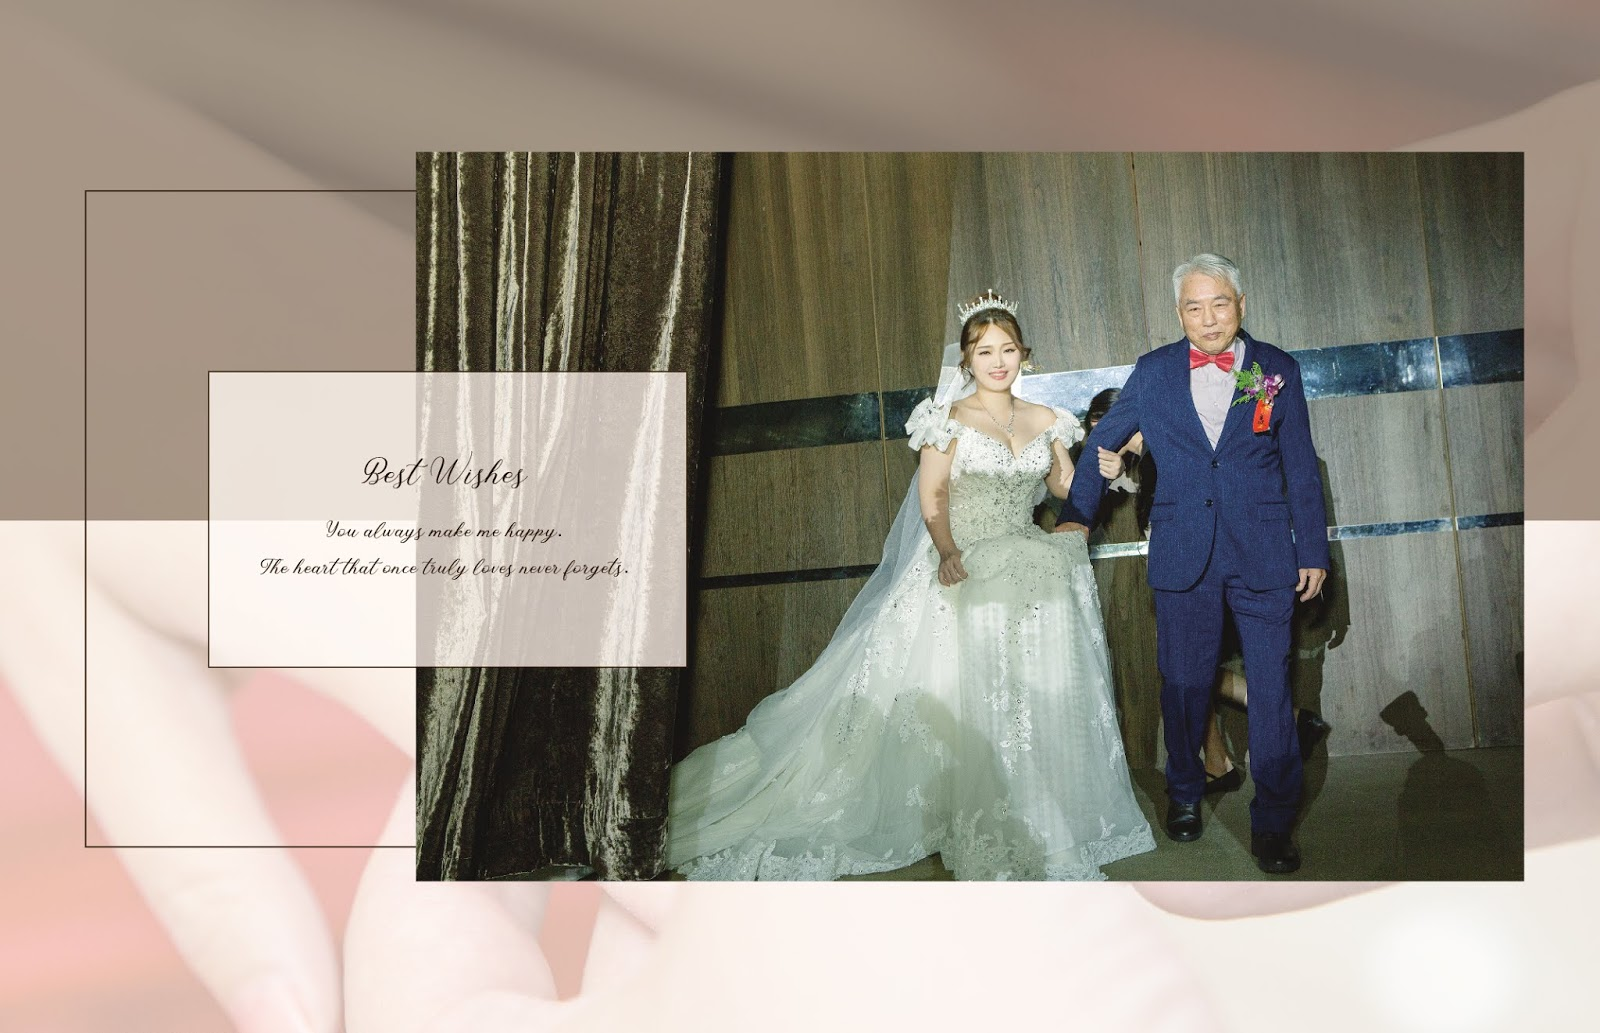 婚禮攝影師,吳崑榮